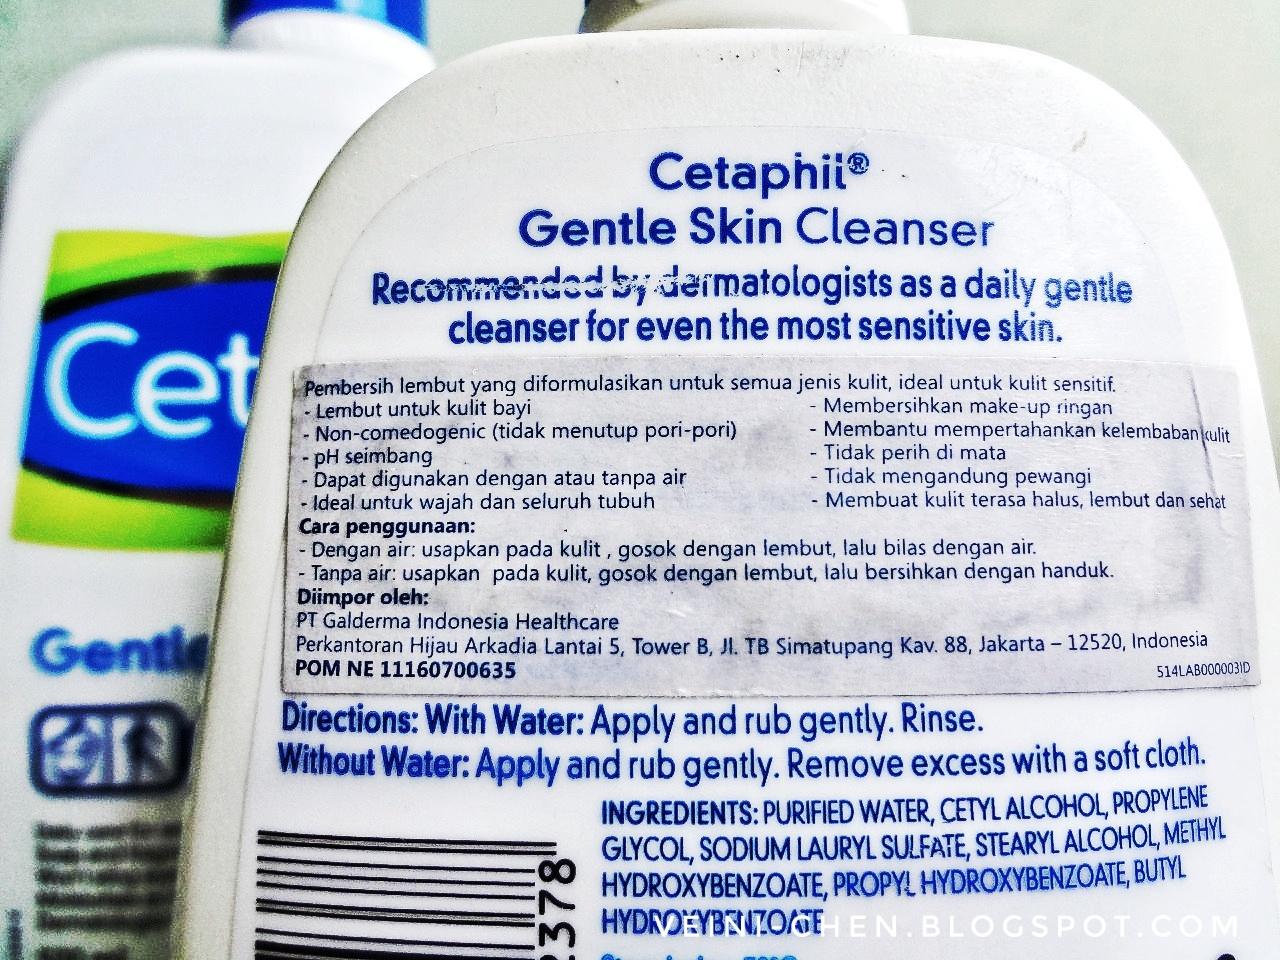 Cetaphil Gentle Skin Cleanser Be Your Own Kind Of Beautiful 250ml Sabun Cuci Muka Face Wash Meskipun Rada Aneh Karena Ini Ga Menghasilkan Busa Seperti Facial Pada Umumnya Namun Tetap